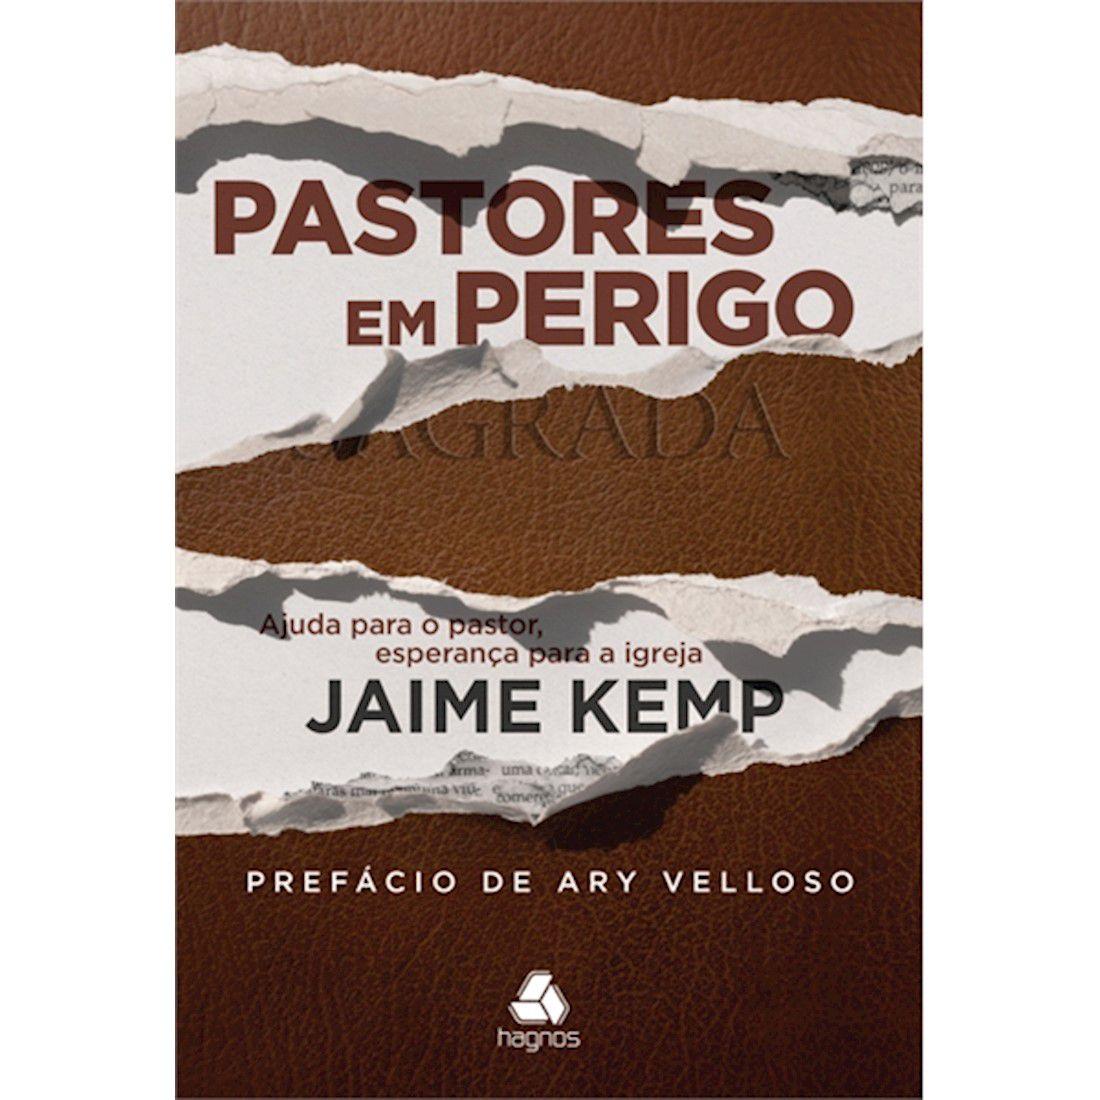 Livro Pastores em Perigo